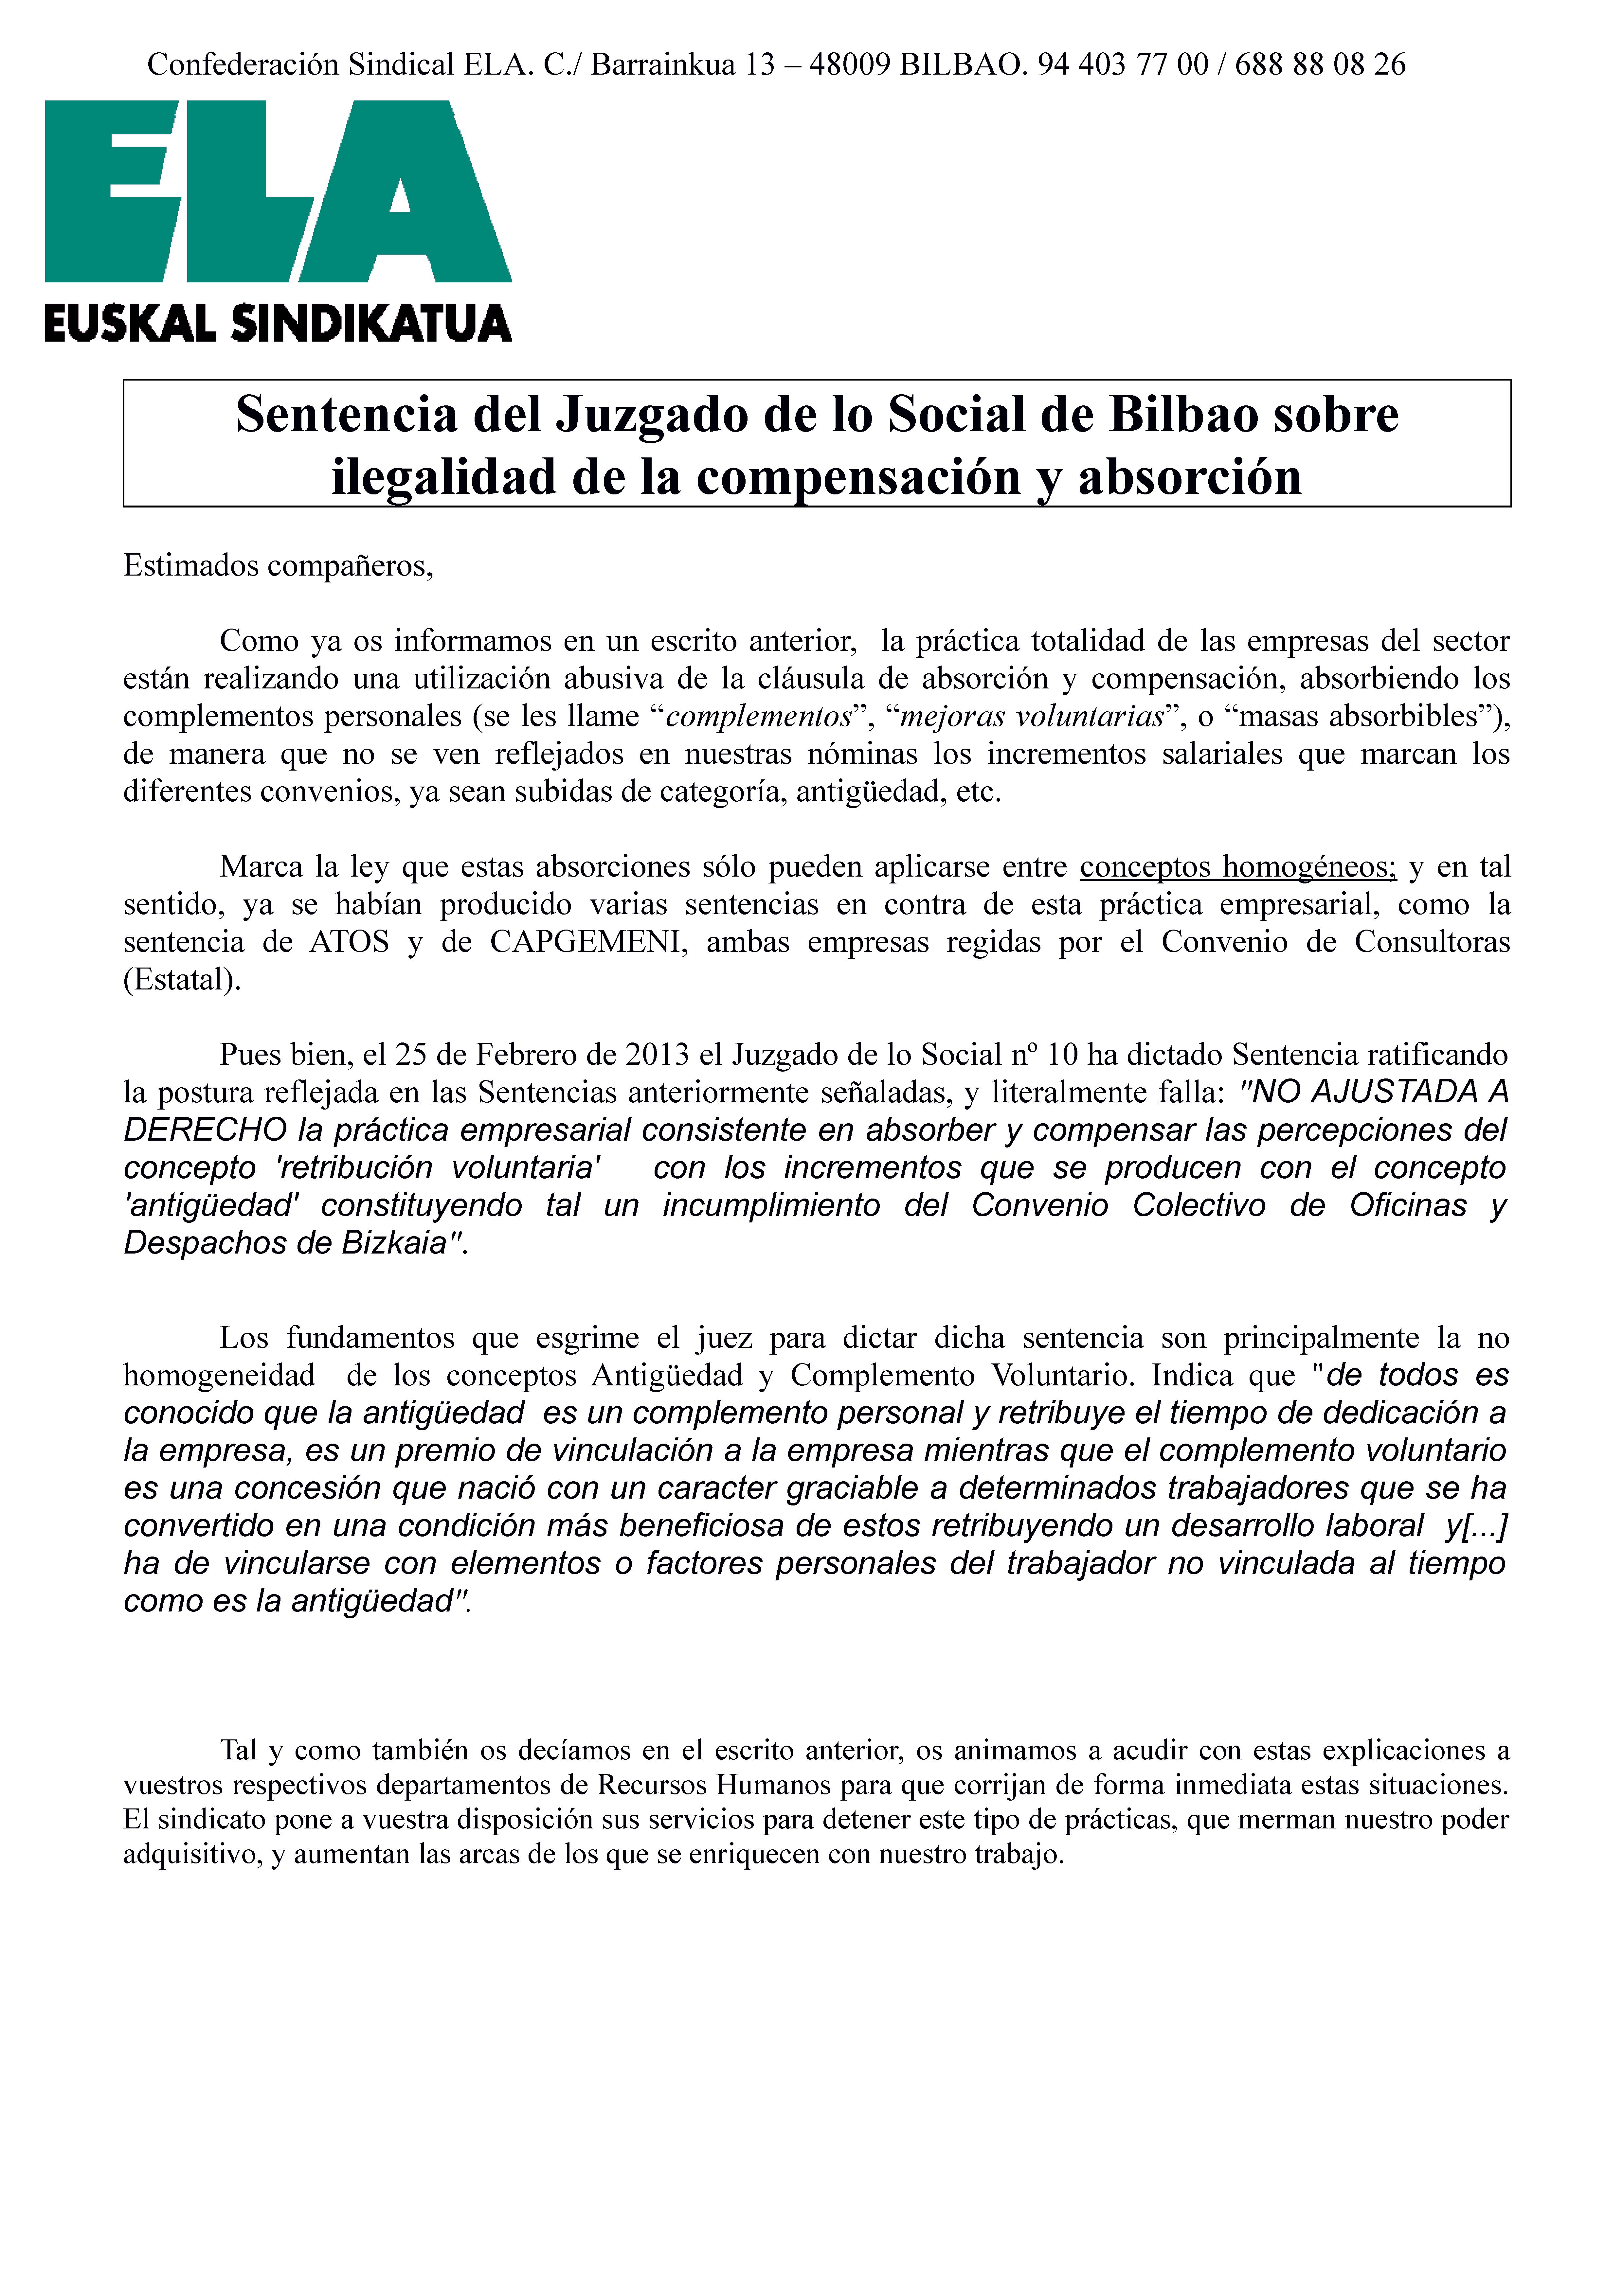 Comunicado ela 11 03 2013 sentencia contra absorci n y for Convenio colectivo oficinas y despachos zaragoza